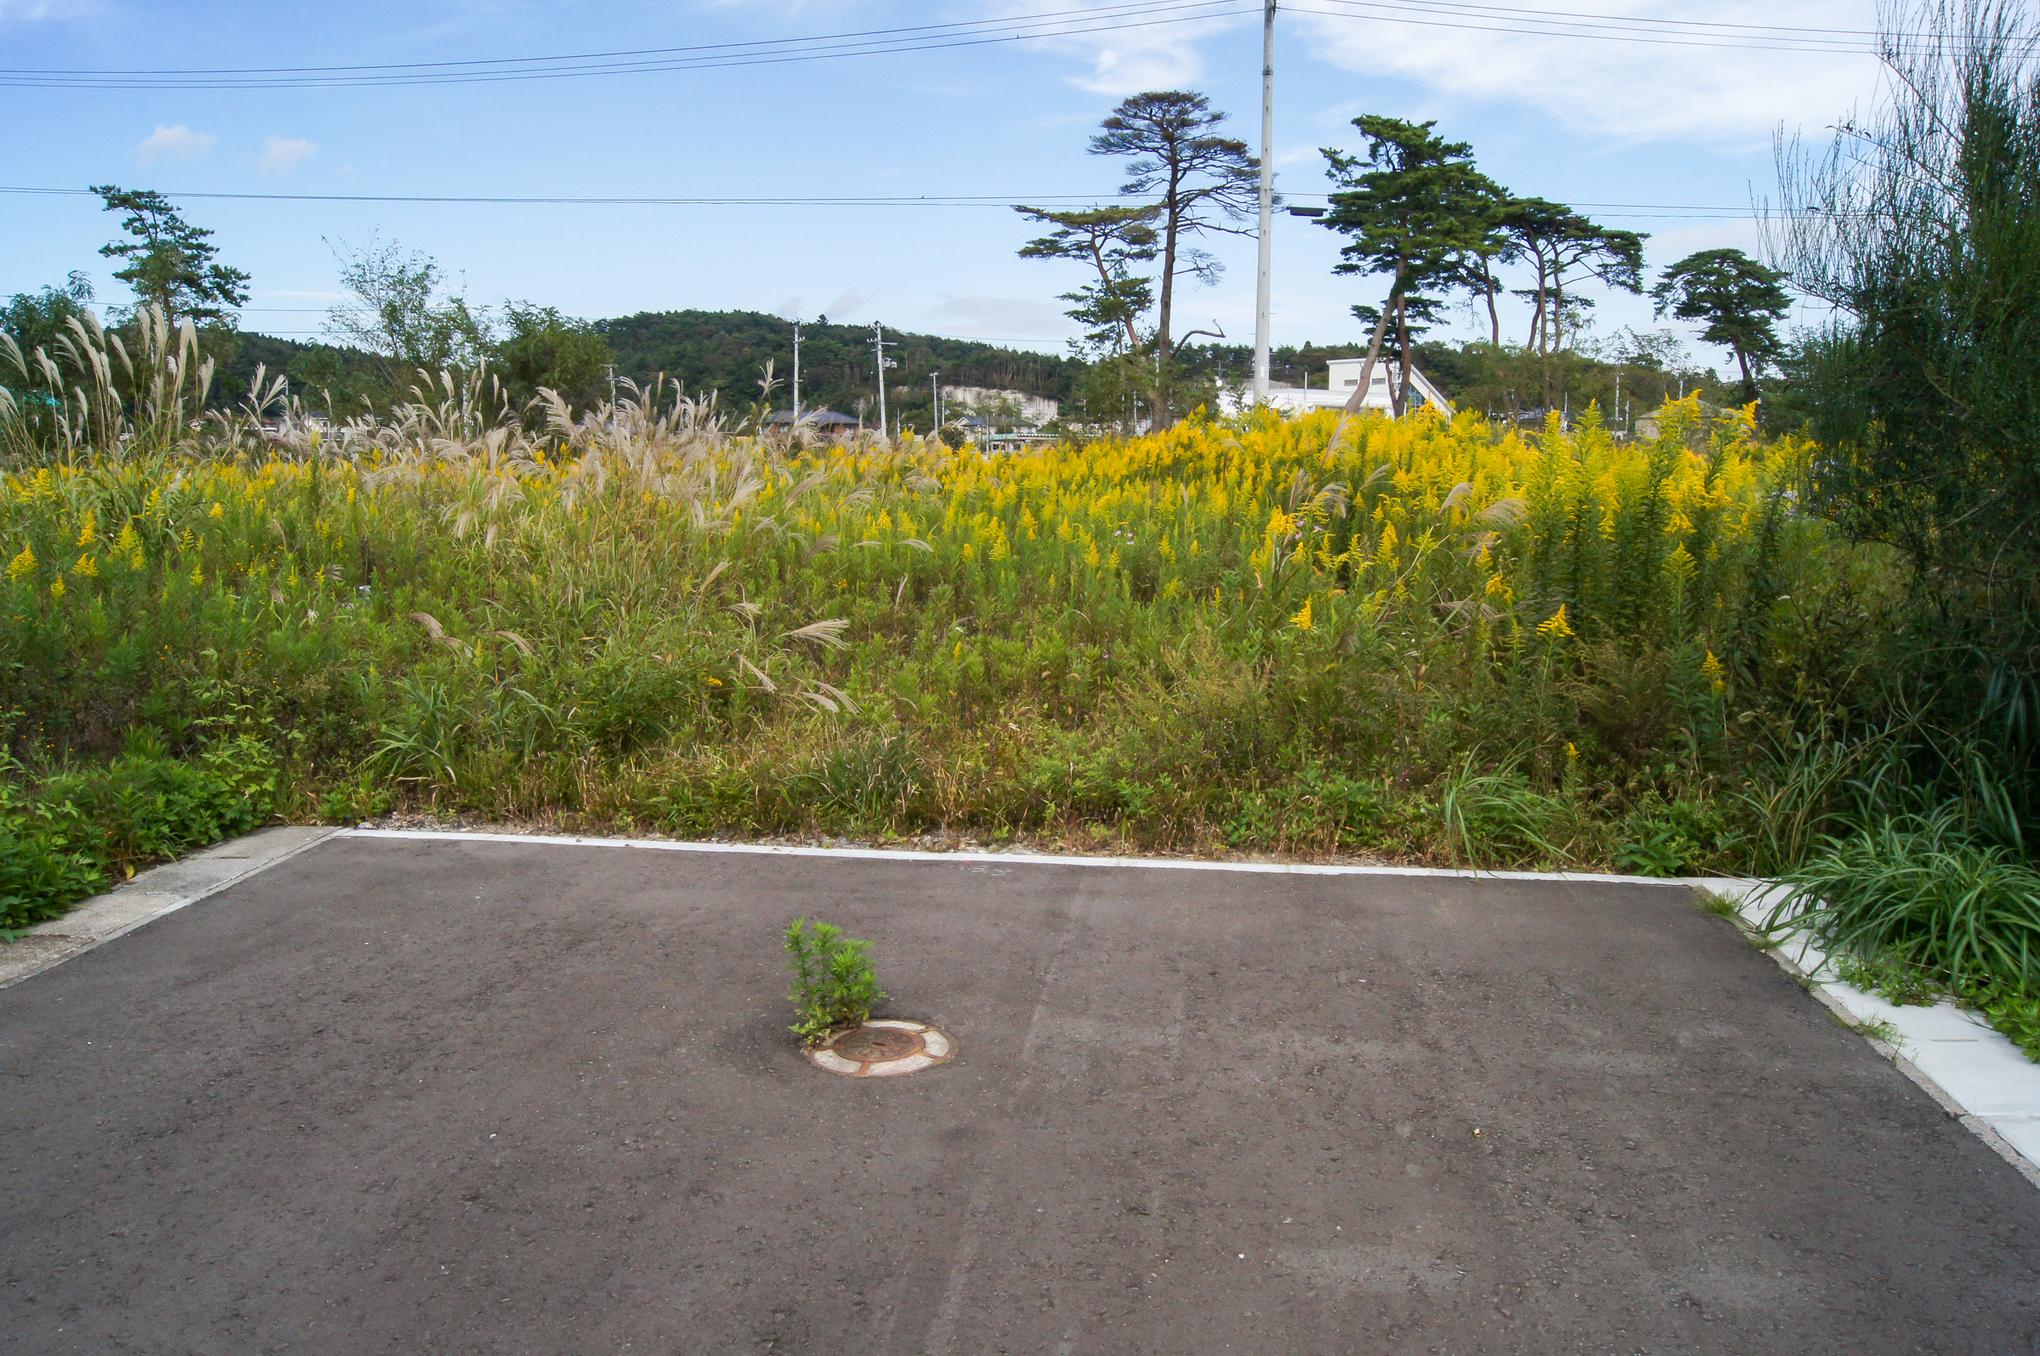 f:id:akichiniiko:20200607200453j:plain